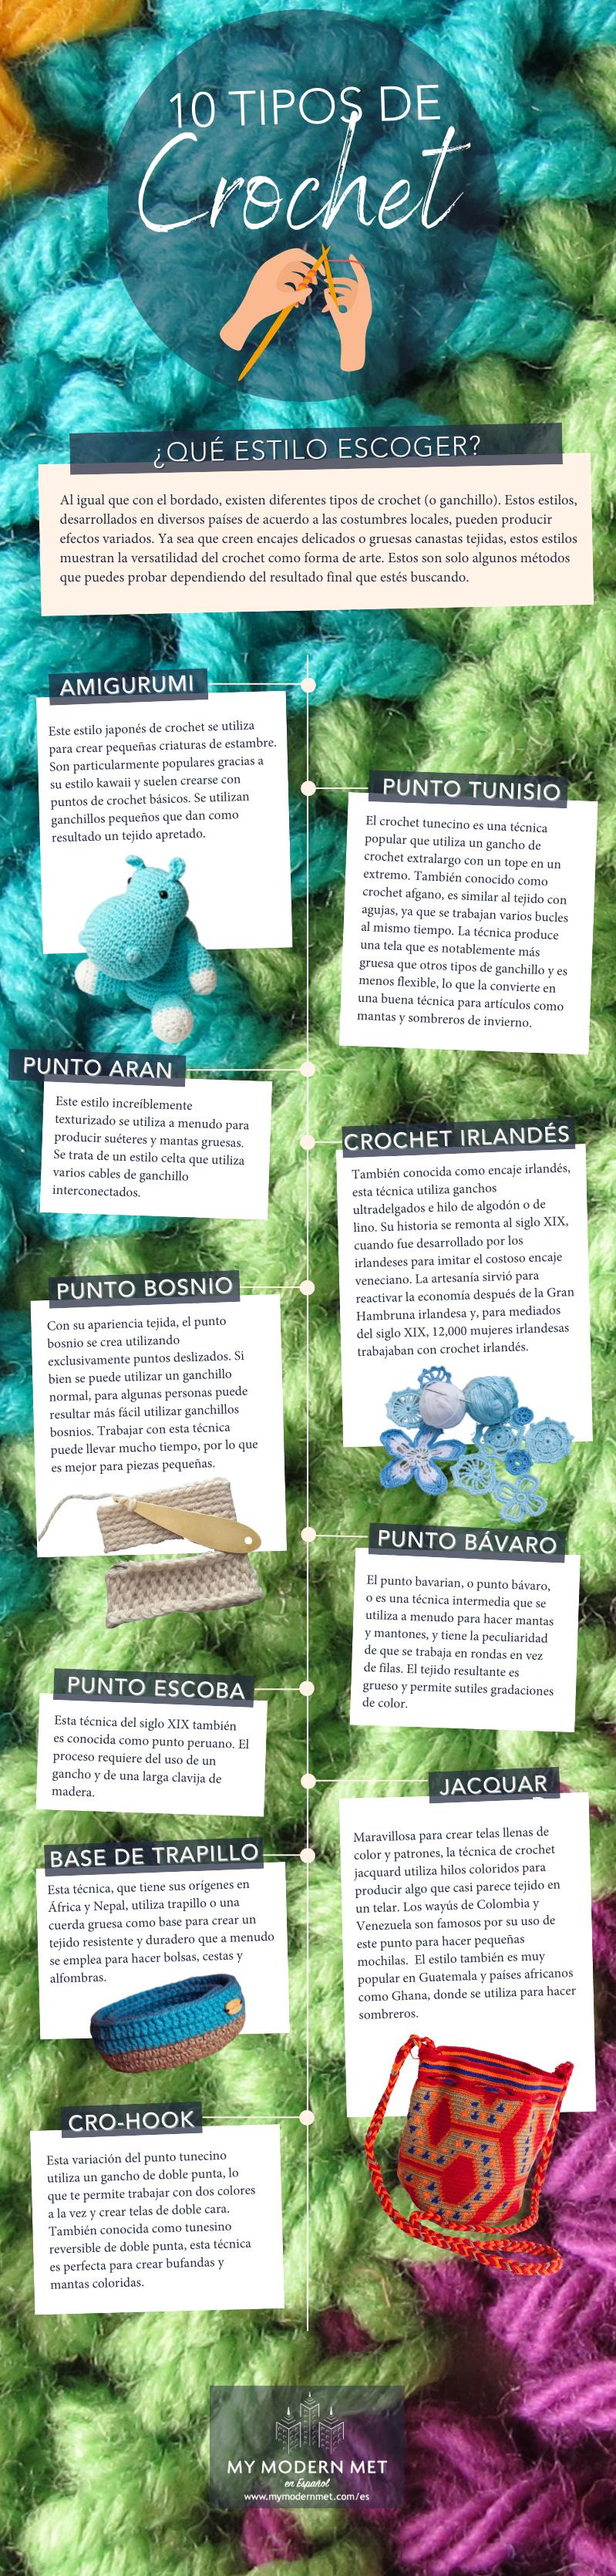 Infografía de tipos de crochet